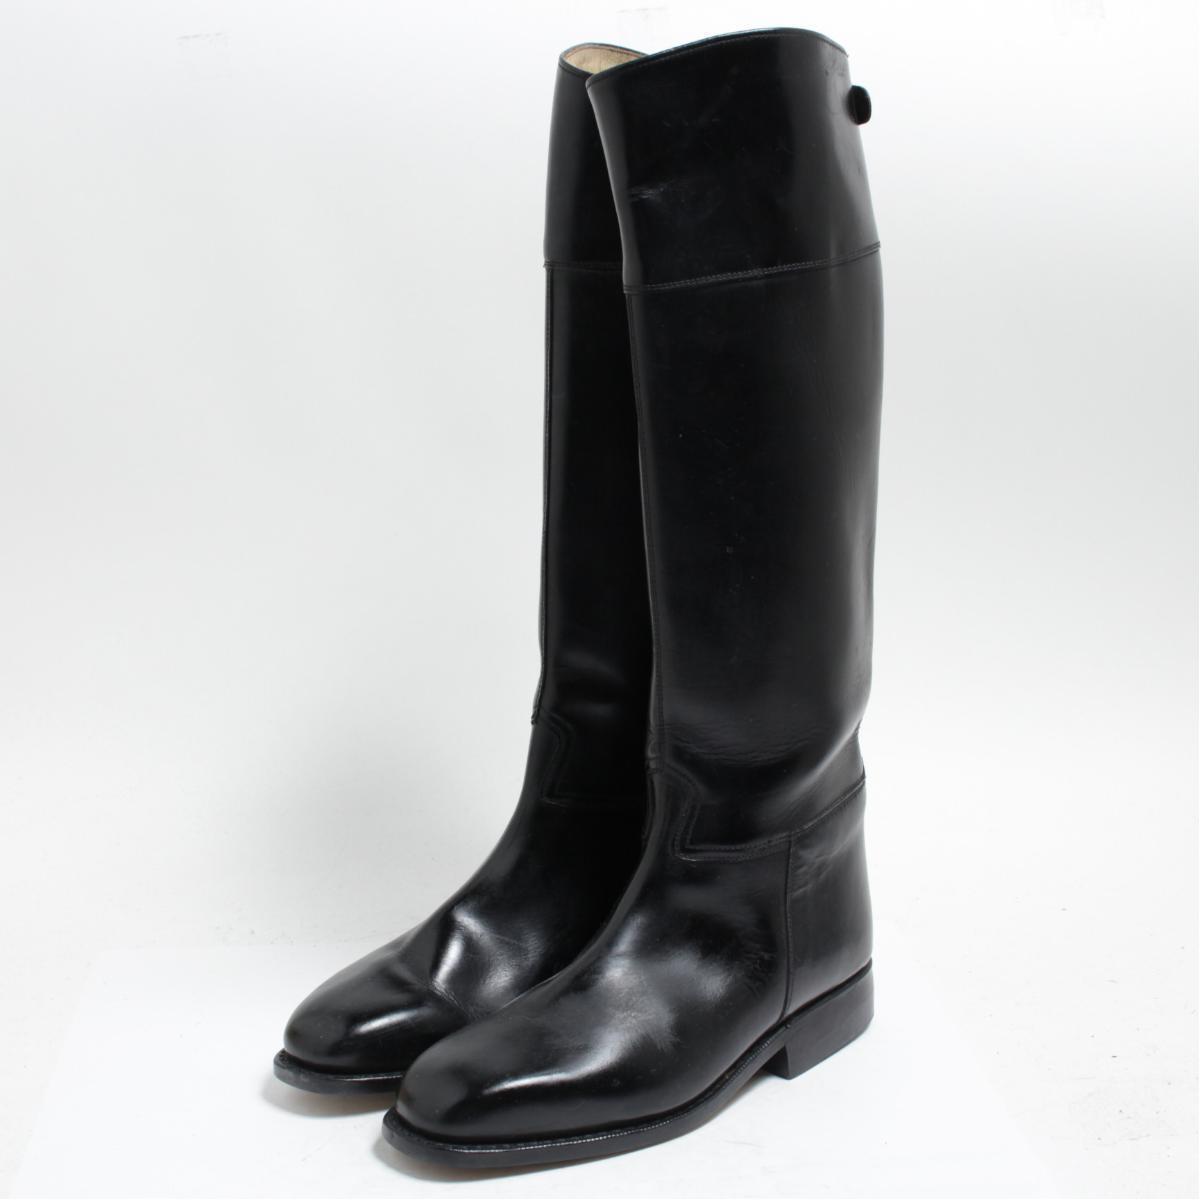 カバロ Cavallo ジョッキー乗馬ブーツ 4.5 レディース22.5cm /bom0538 【中古】 【171208】